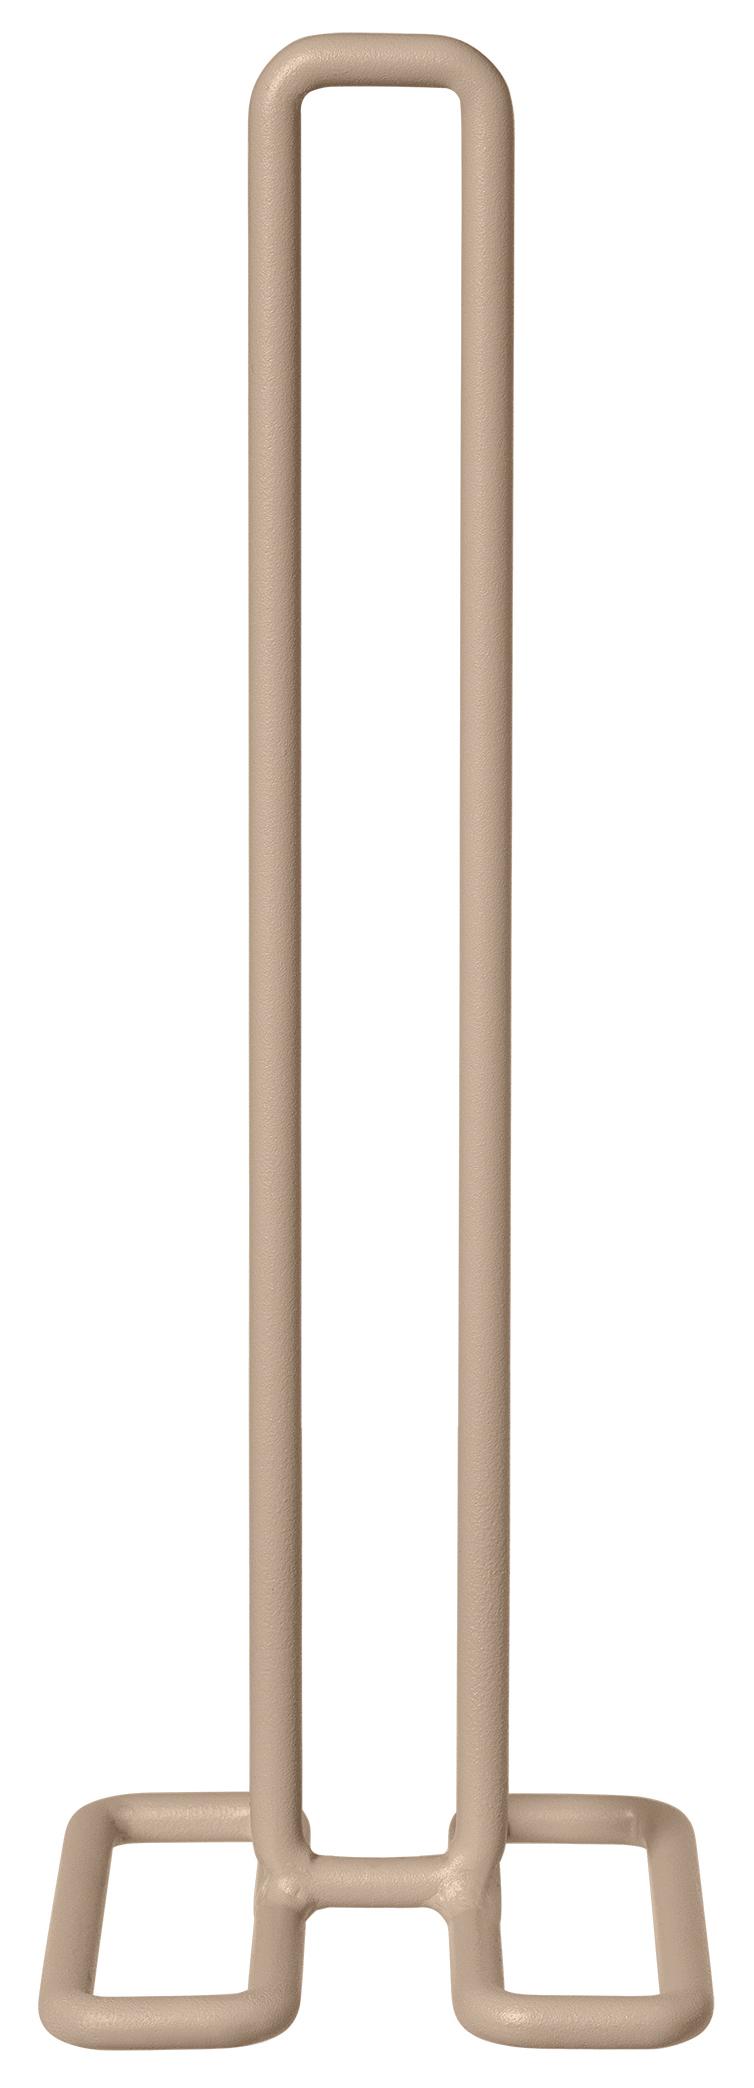 Blomus Kuchyňský držák na papírové utěrky béžový WIRES